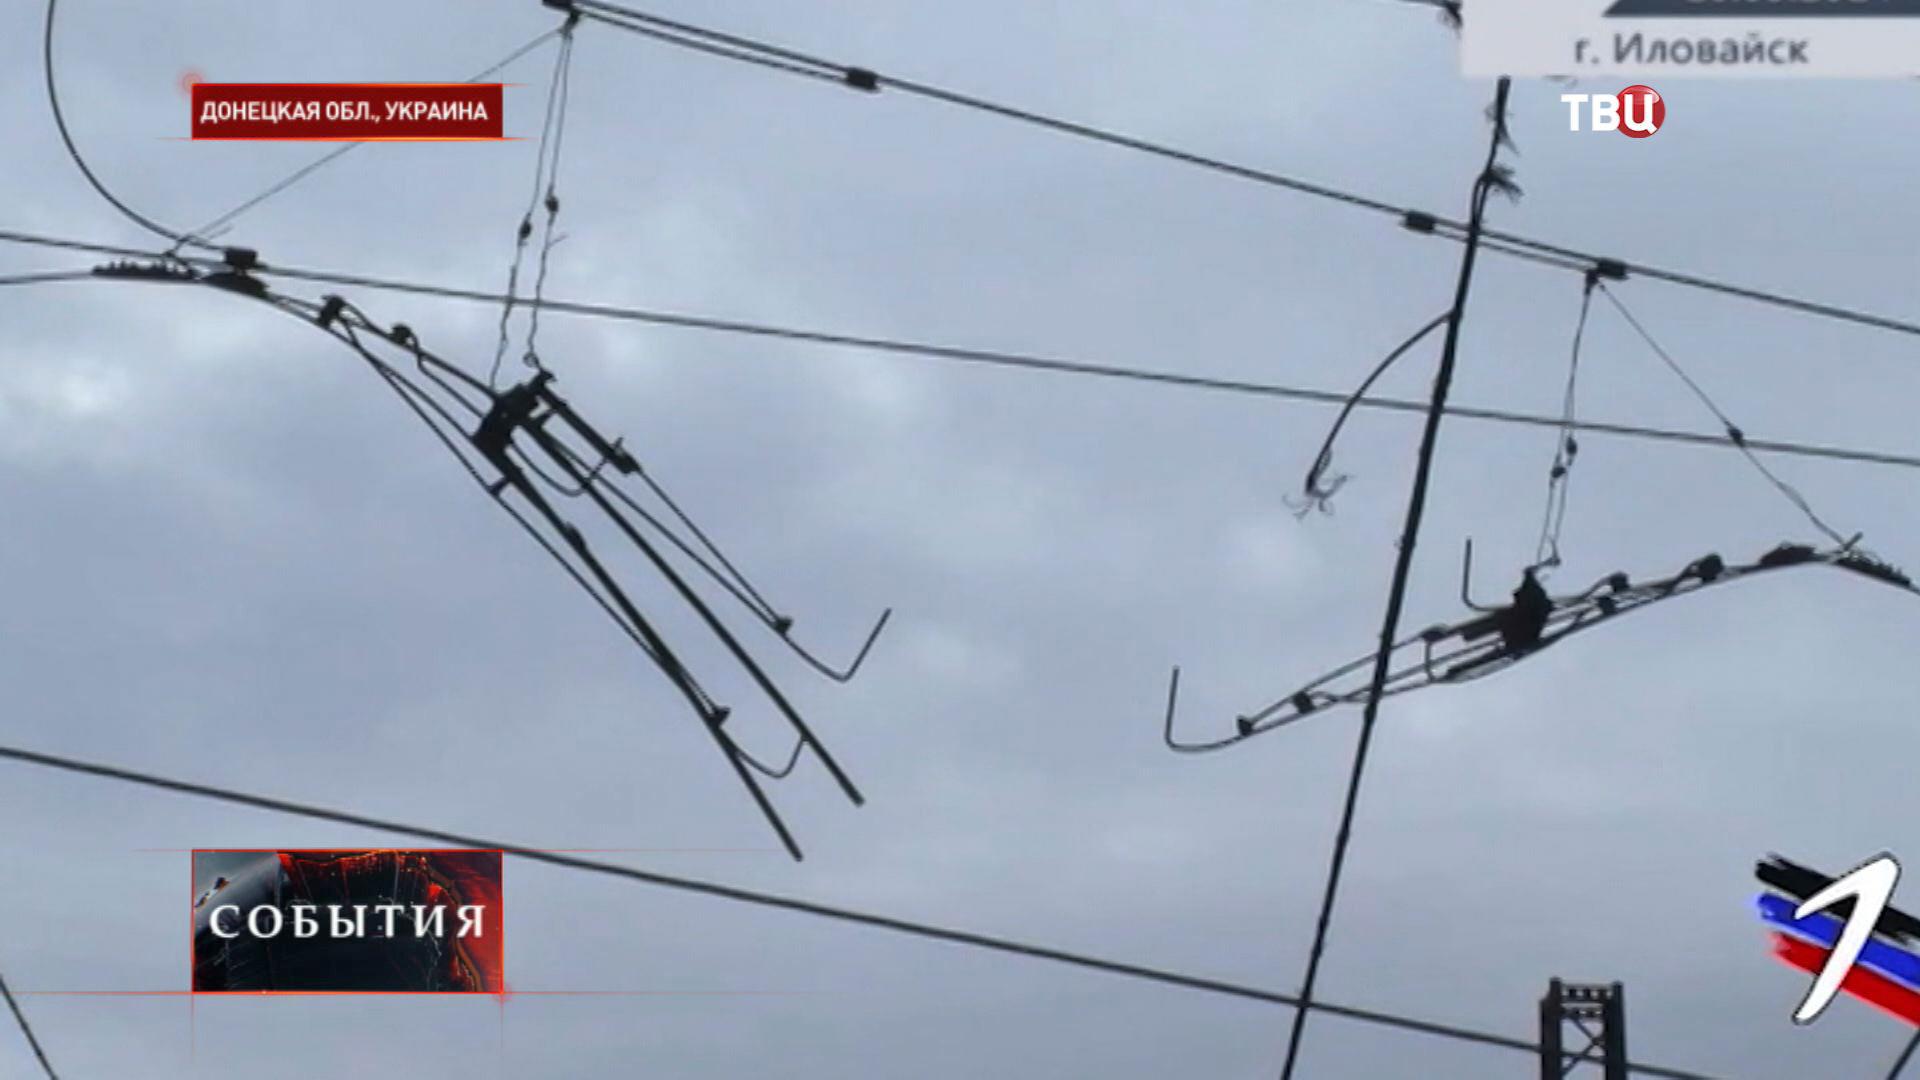 Оборванные провода в Донецкой области